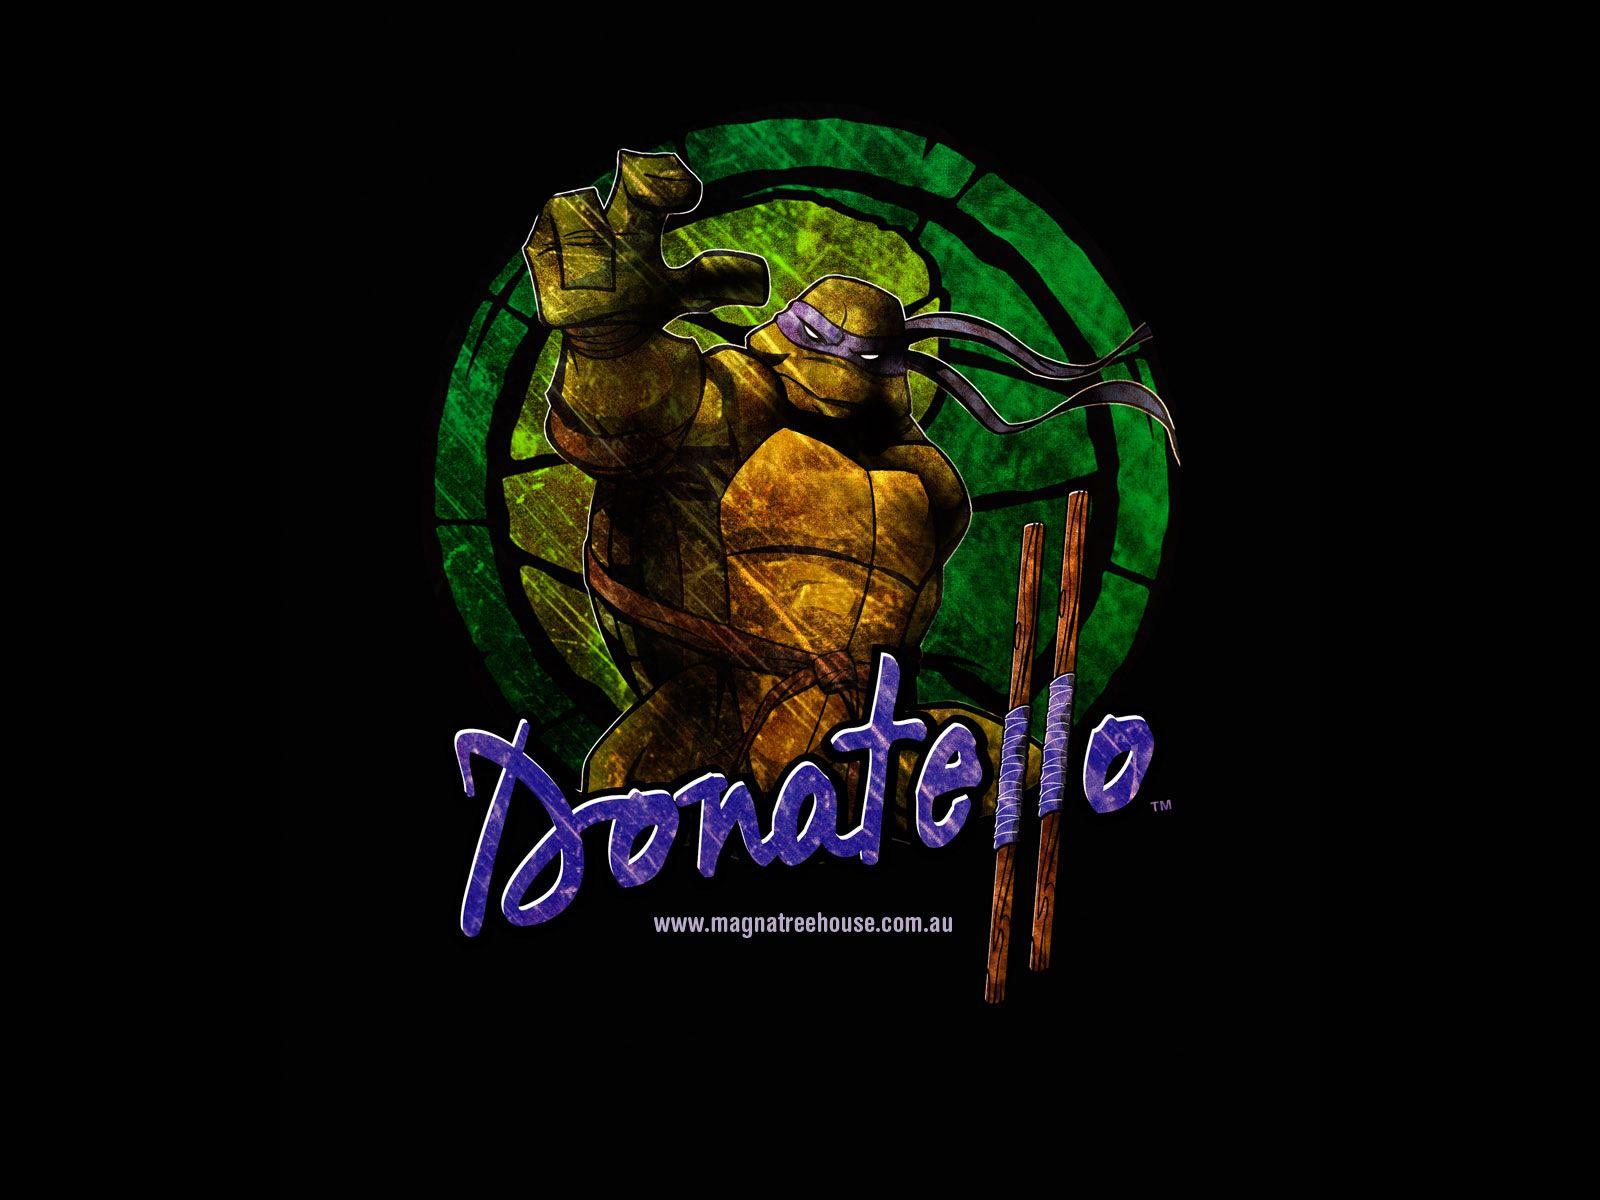 صور انمي سلاحف النينجا Donatello-Wallpaper-tmnt-255776_1600_1200